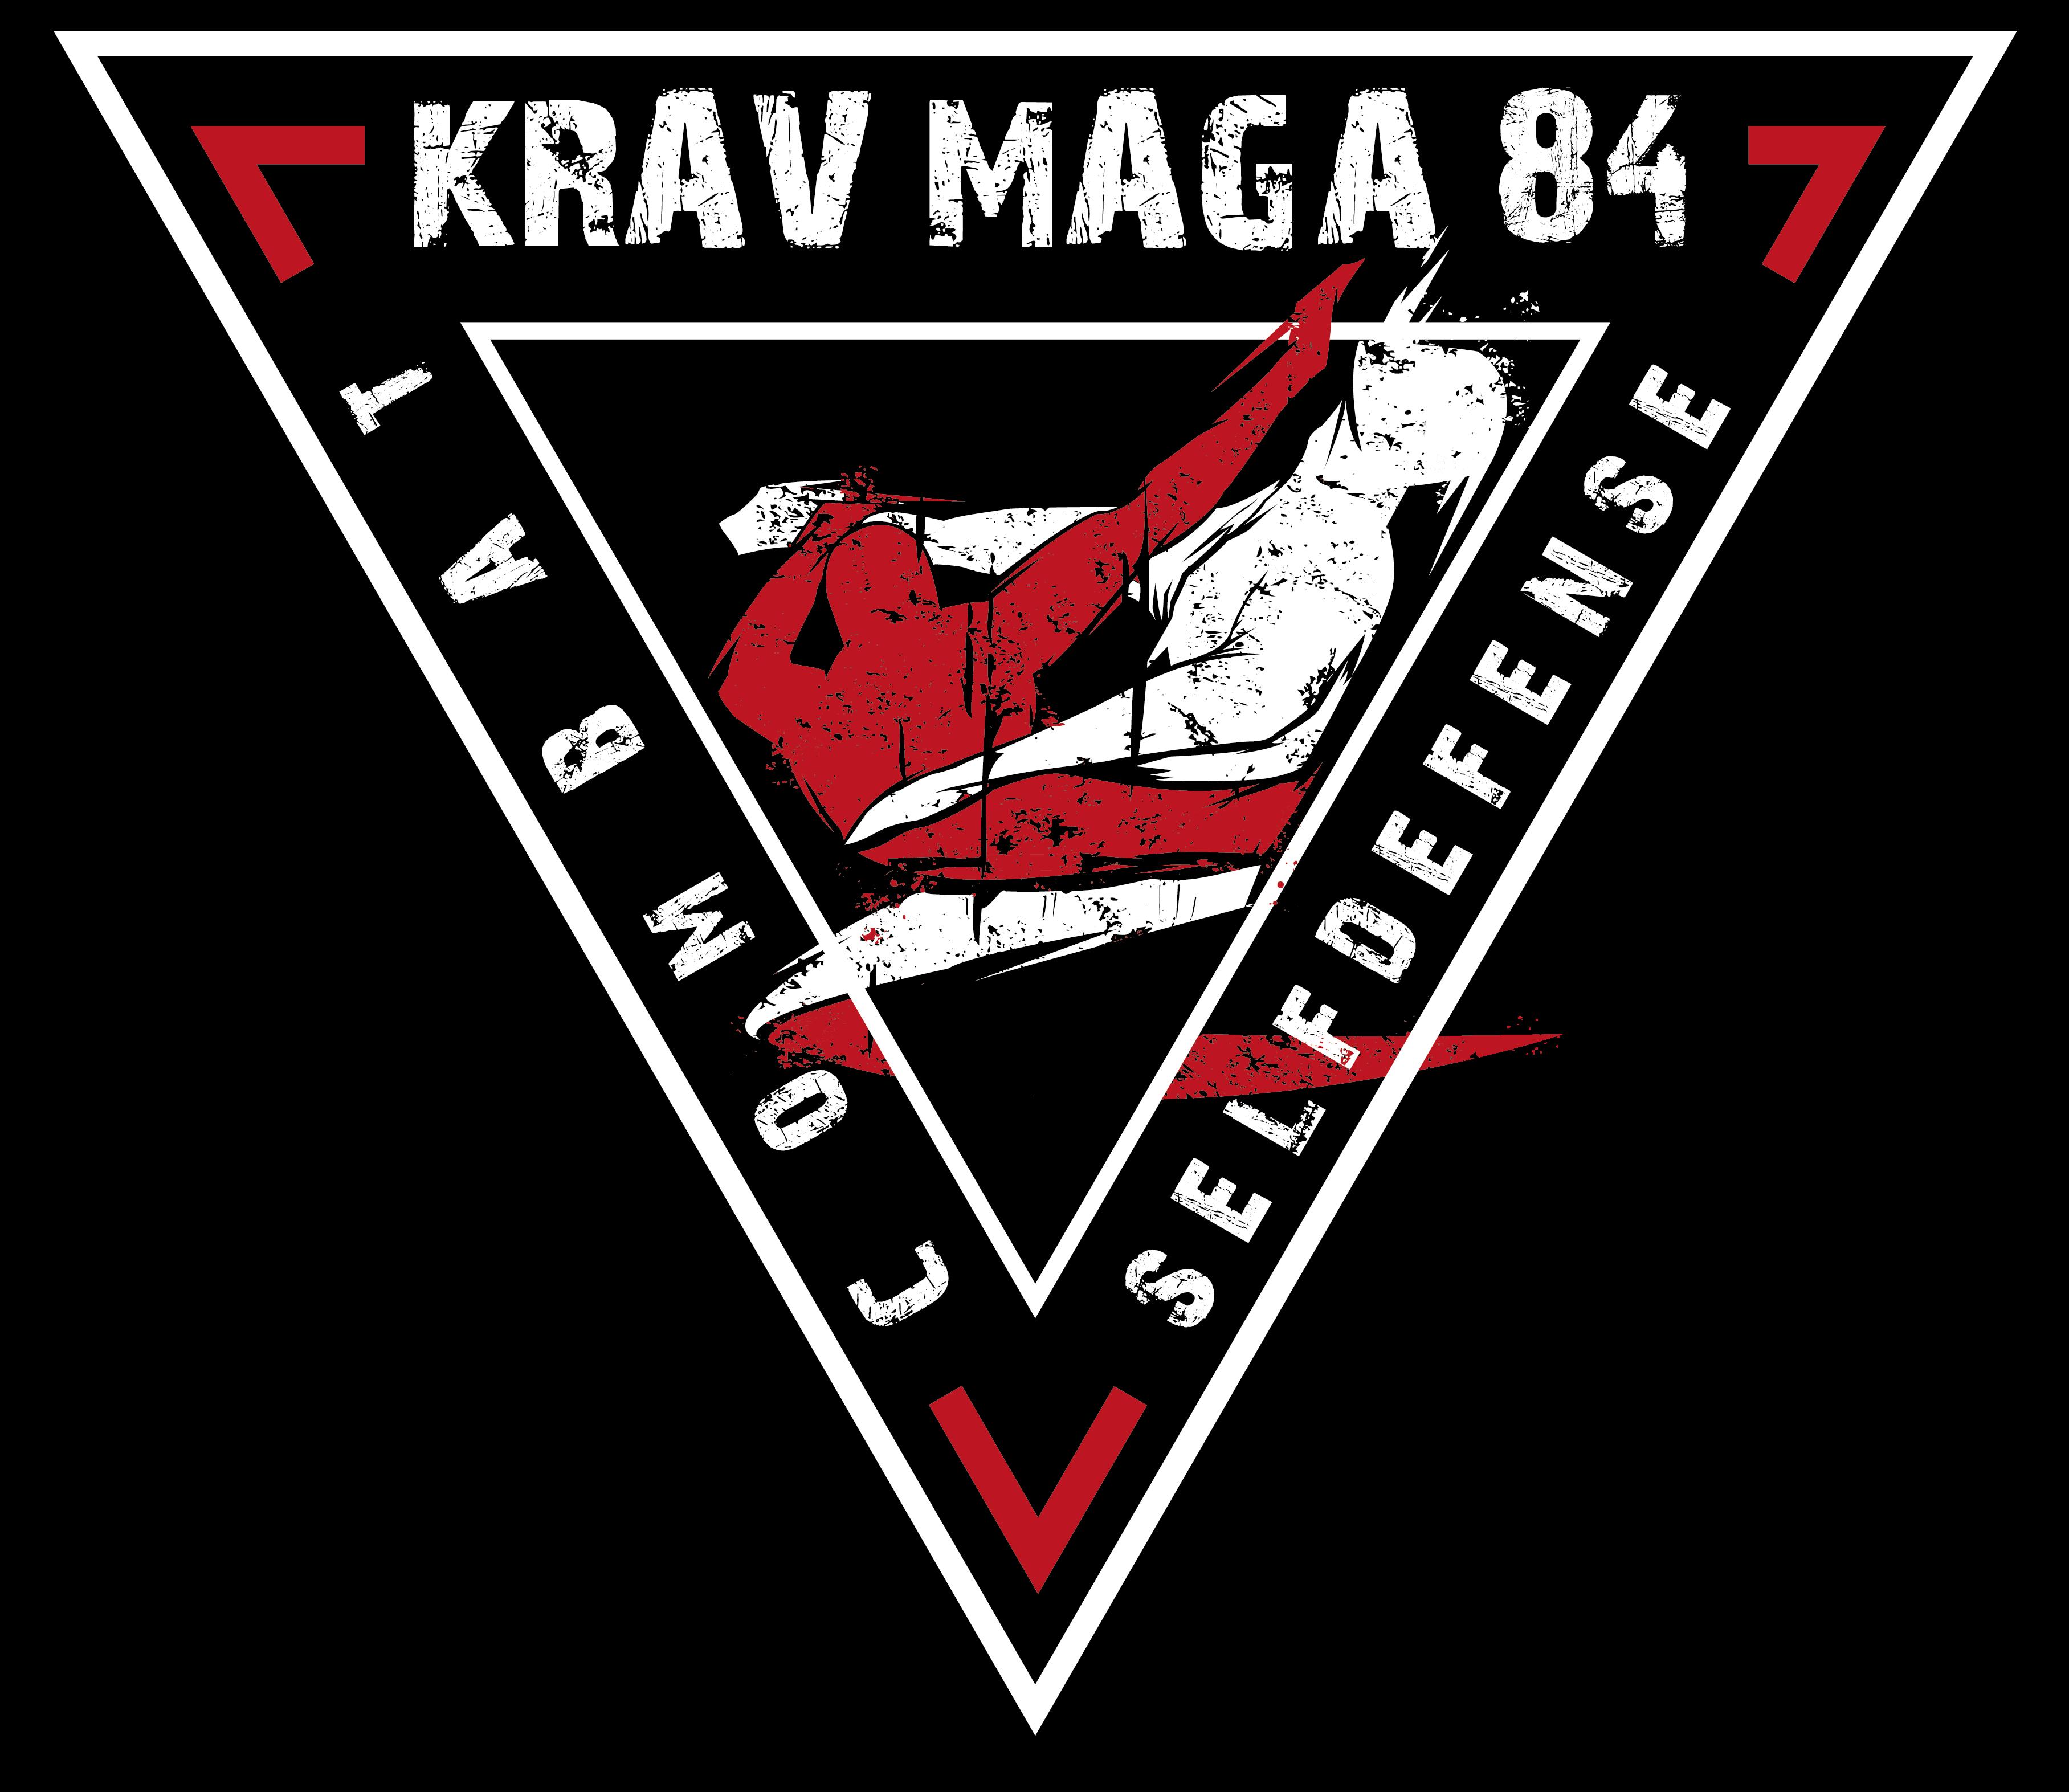 KRAV MAGA 84